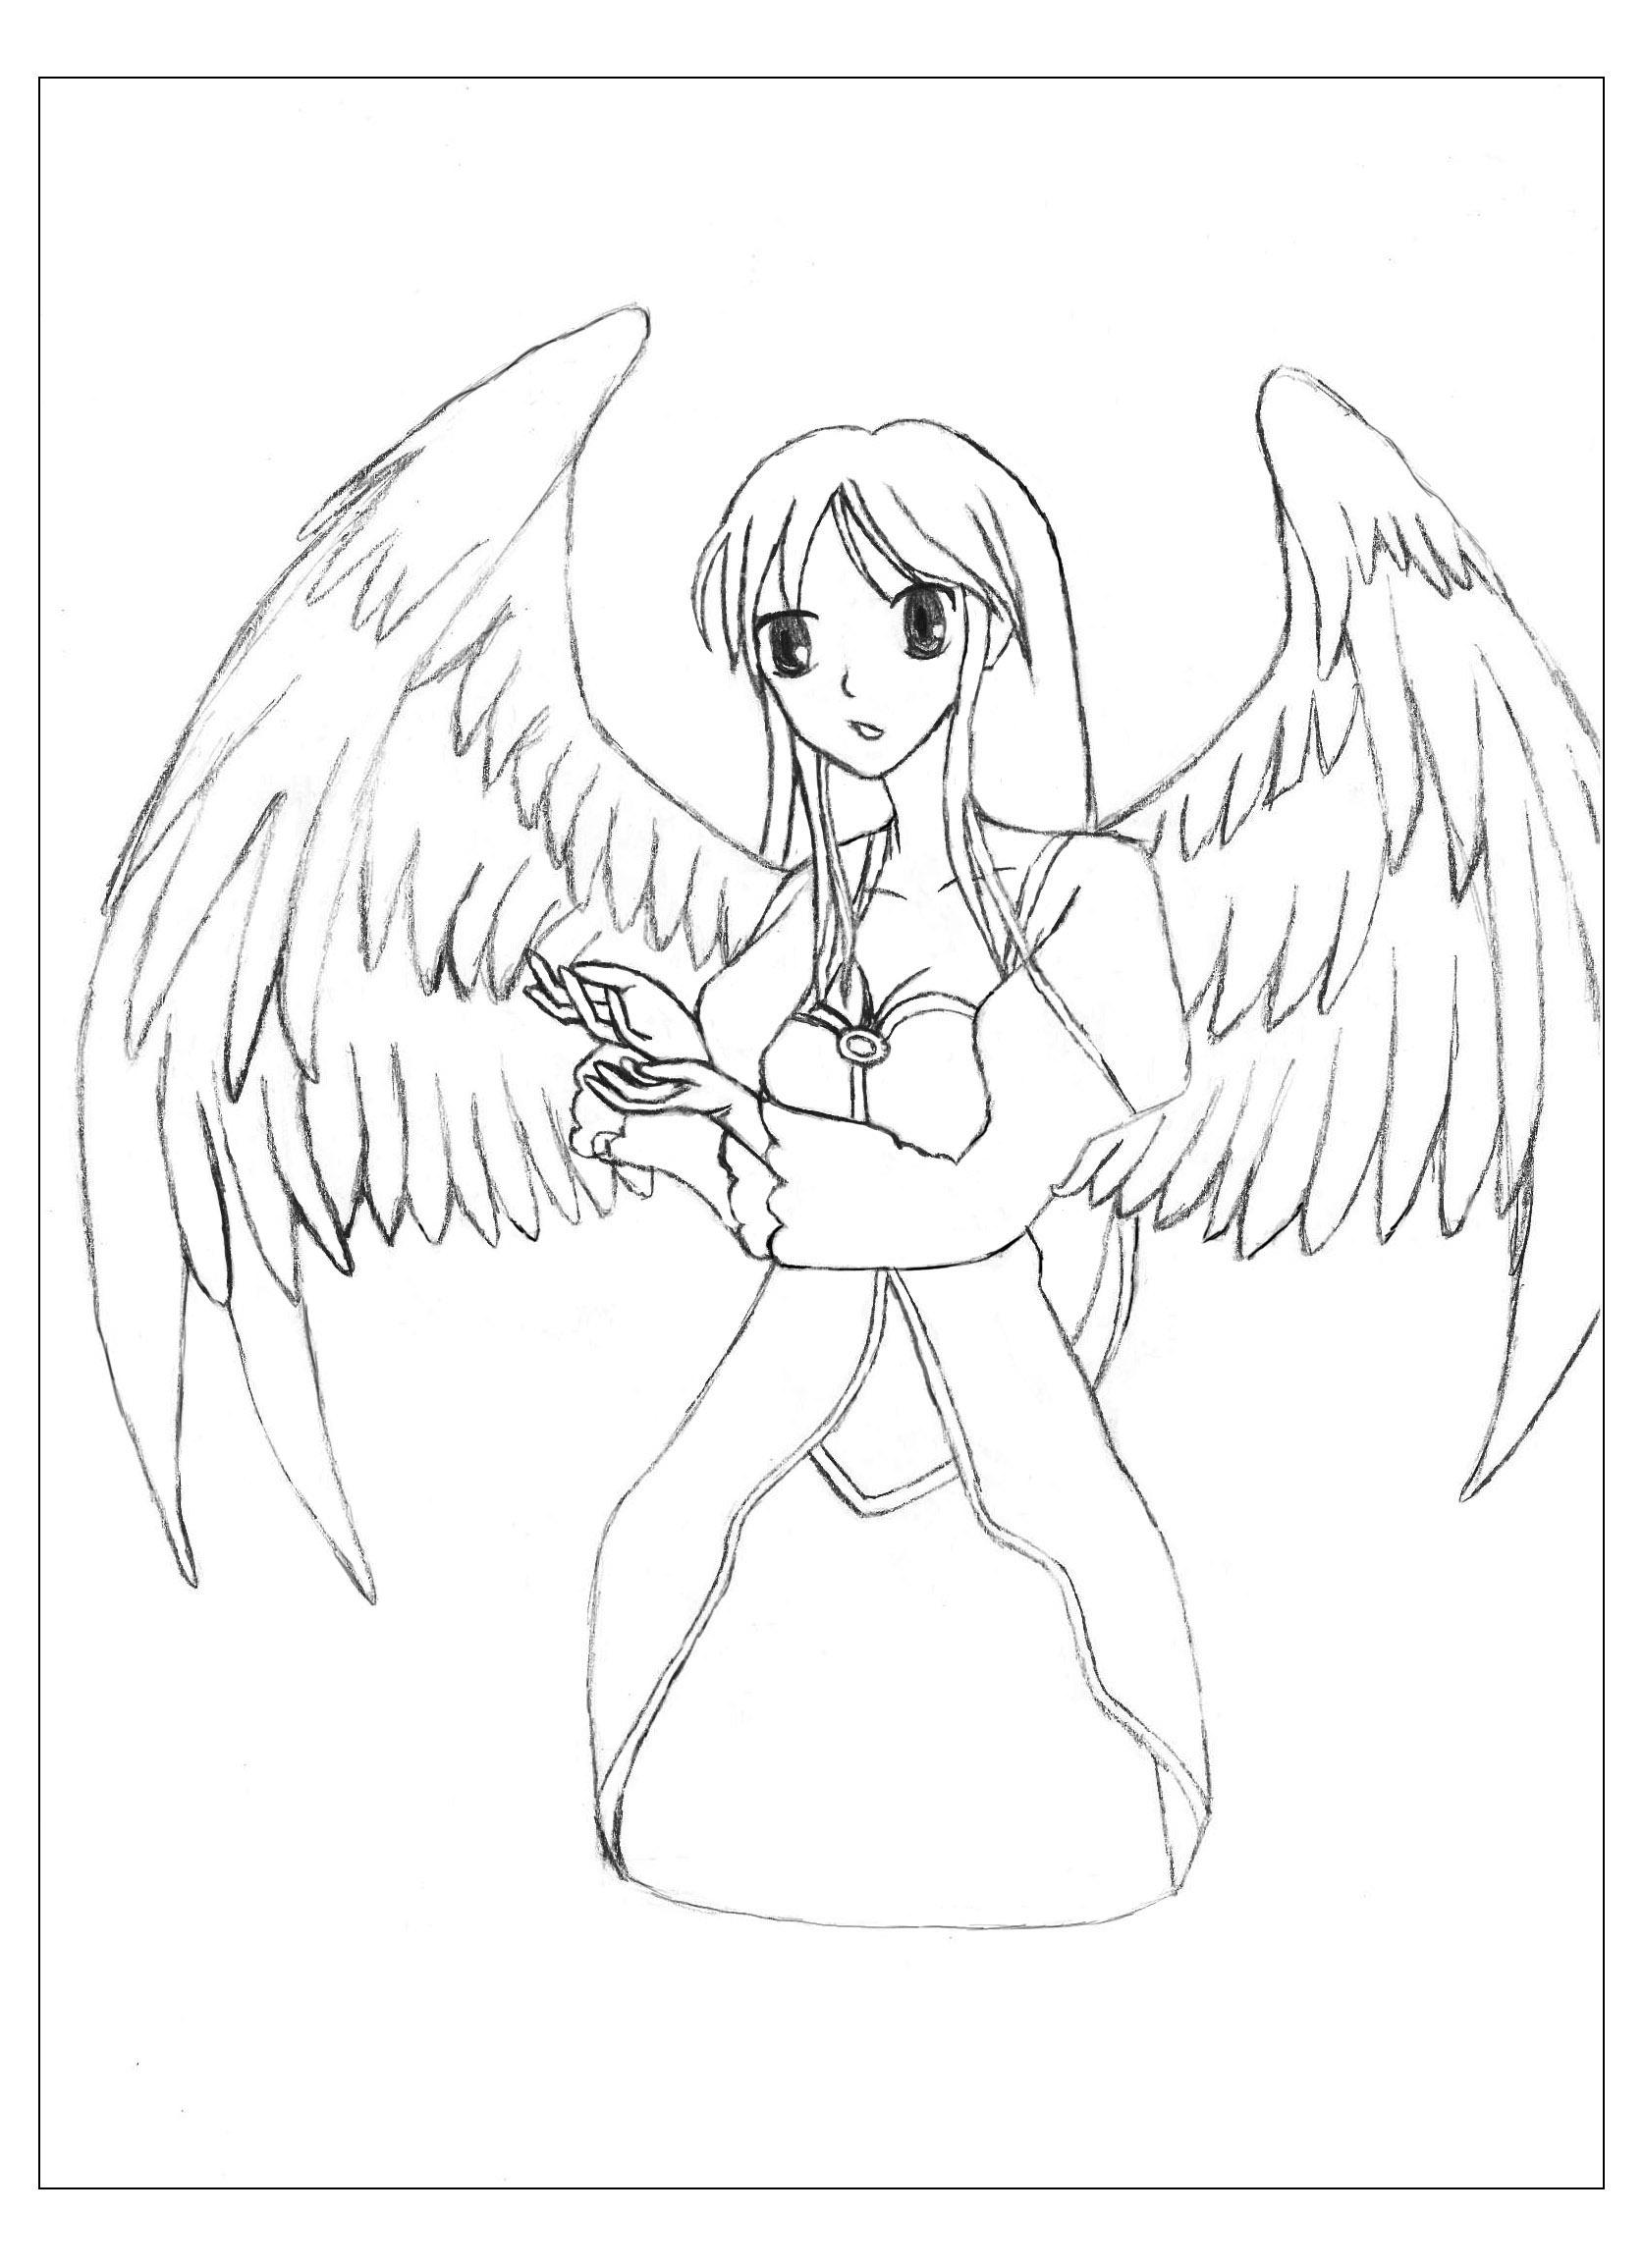 Bel Ange - Divers Animes Et Mangas - Coloriages Pour Enfants destiné Ange A Colorier